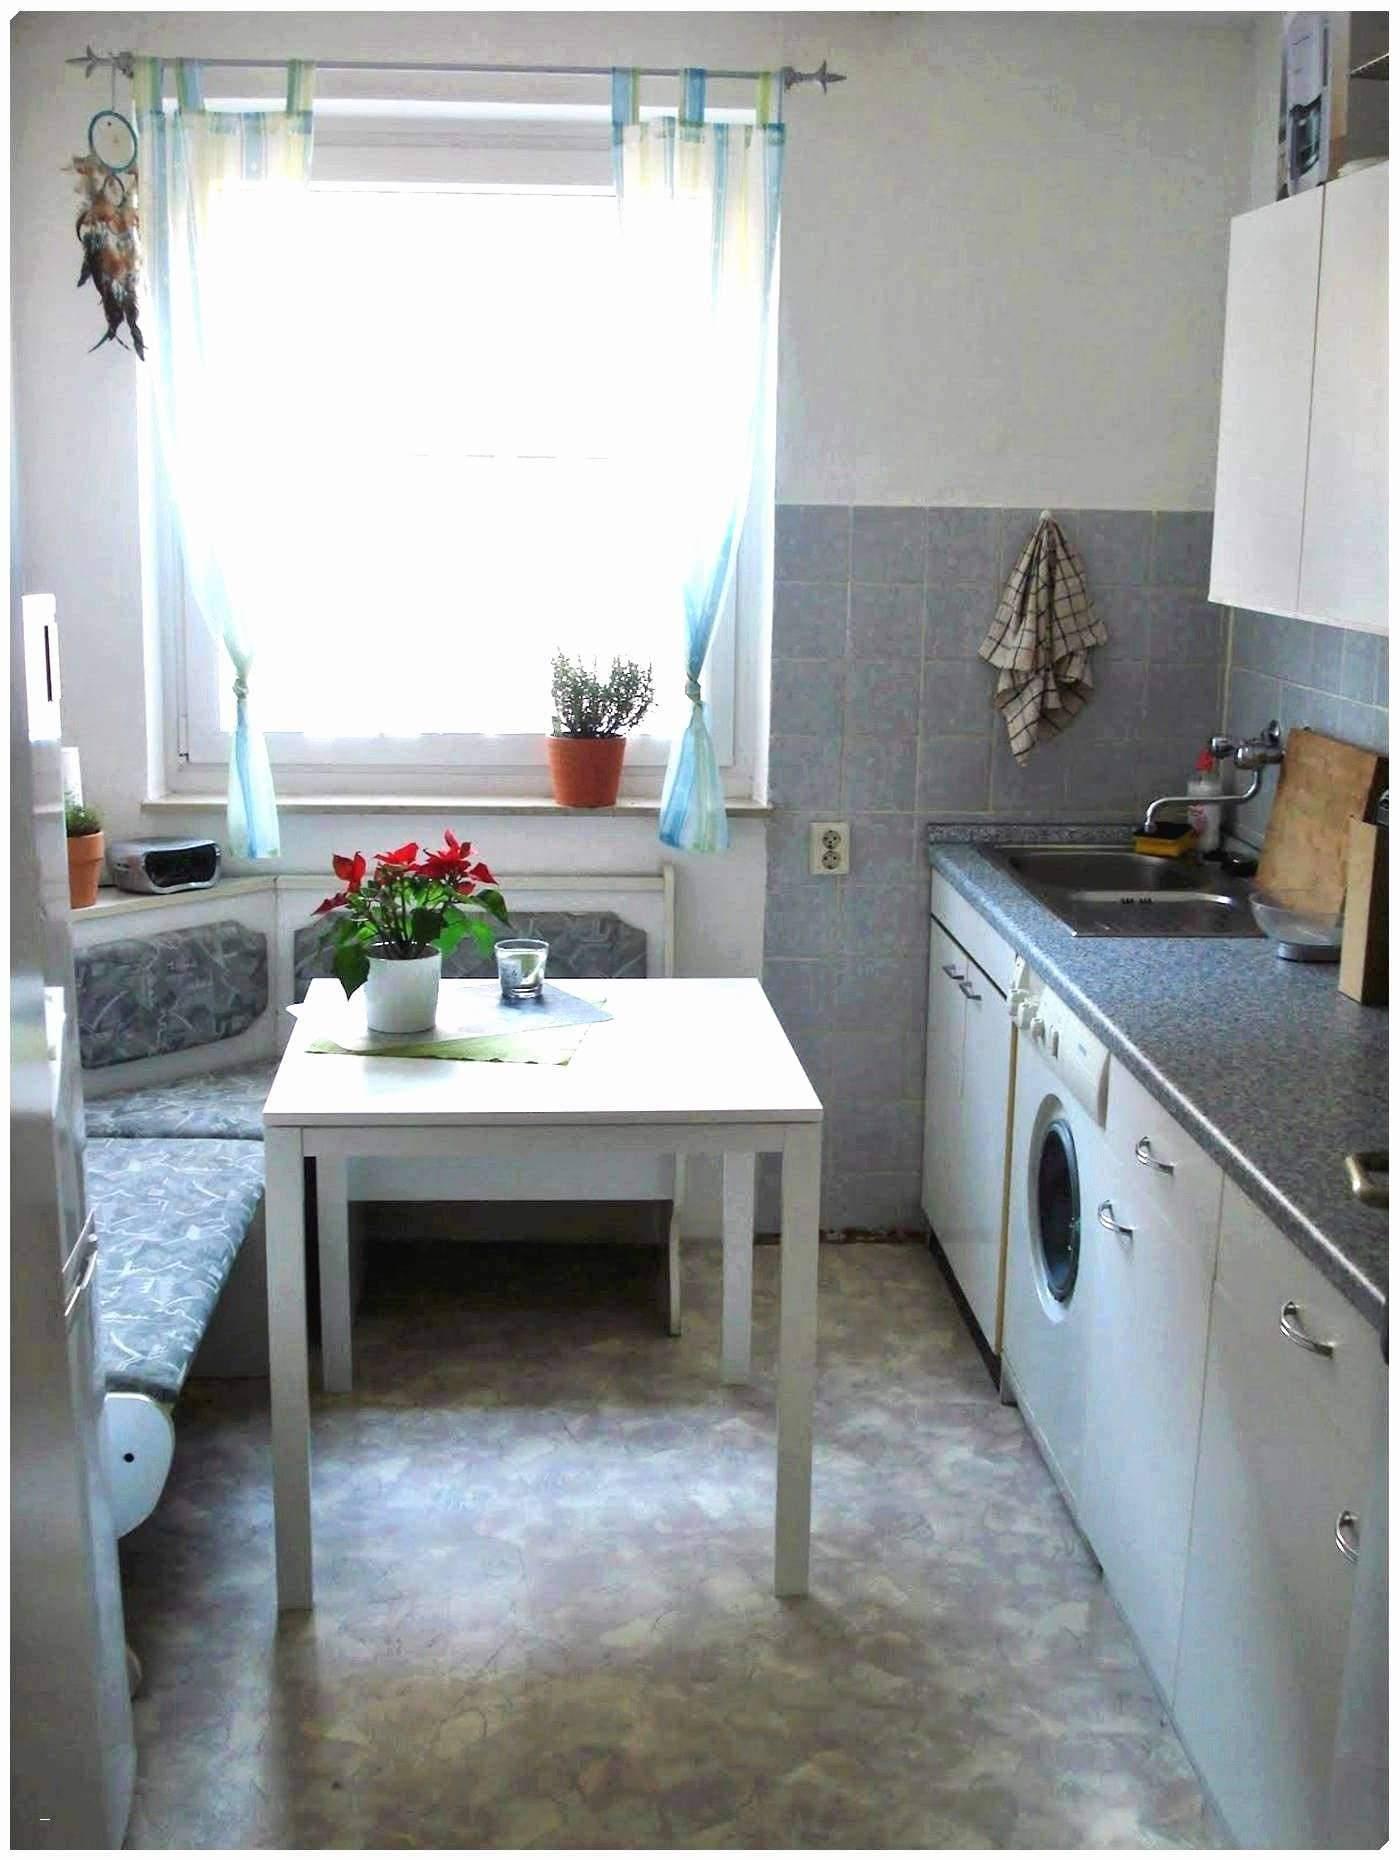 dekoration wohnzimmer regal das beste von elegant wohnzimmer deko home ideen of dekoration wohnzimmer regal